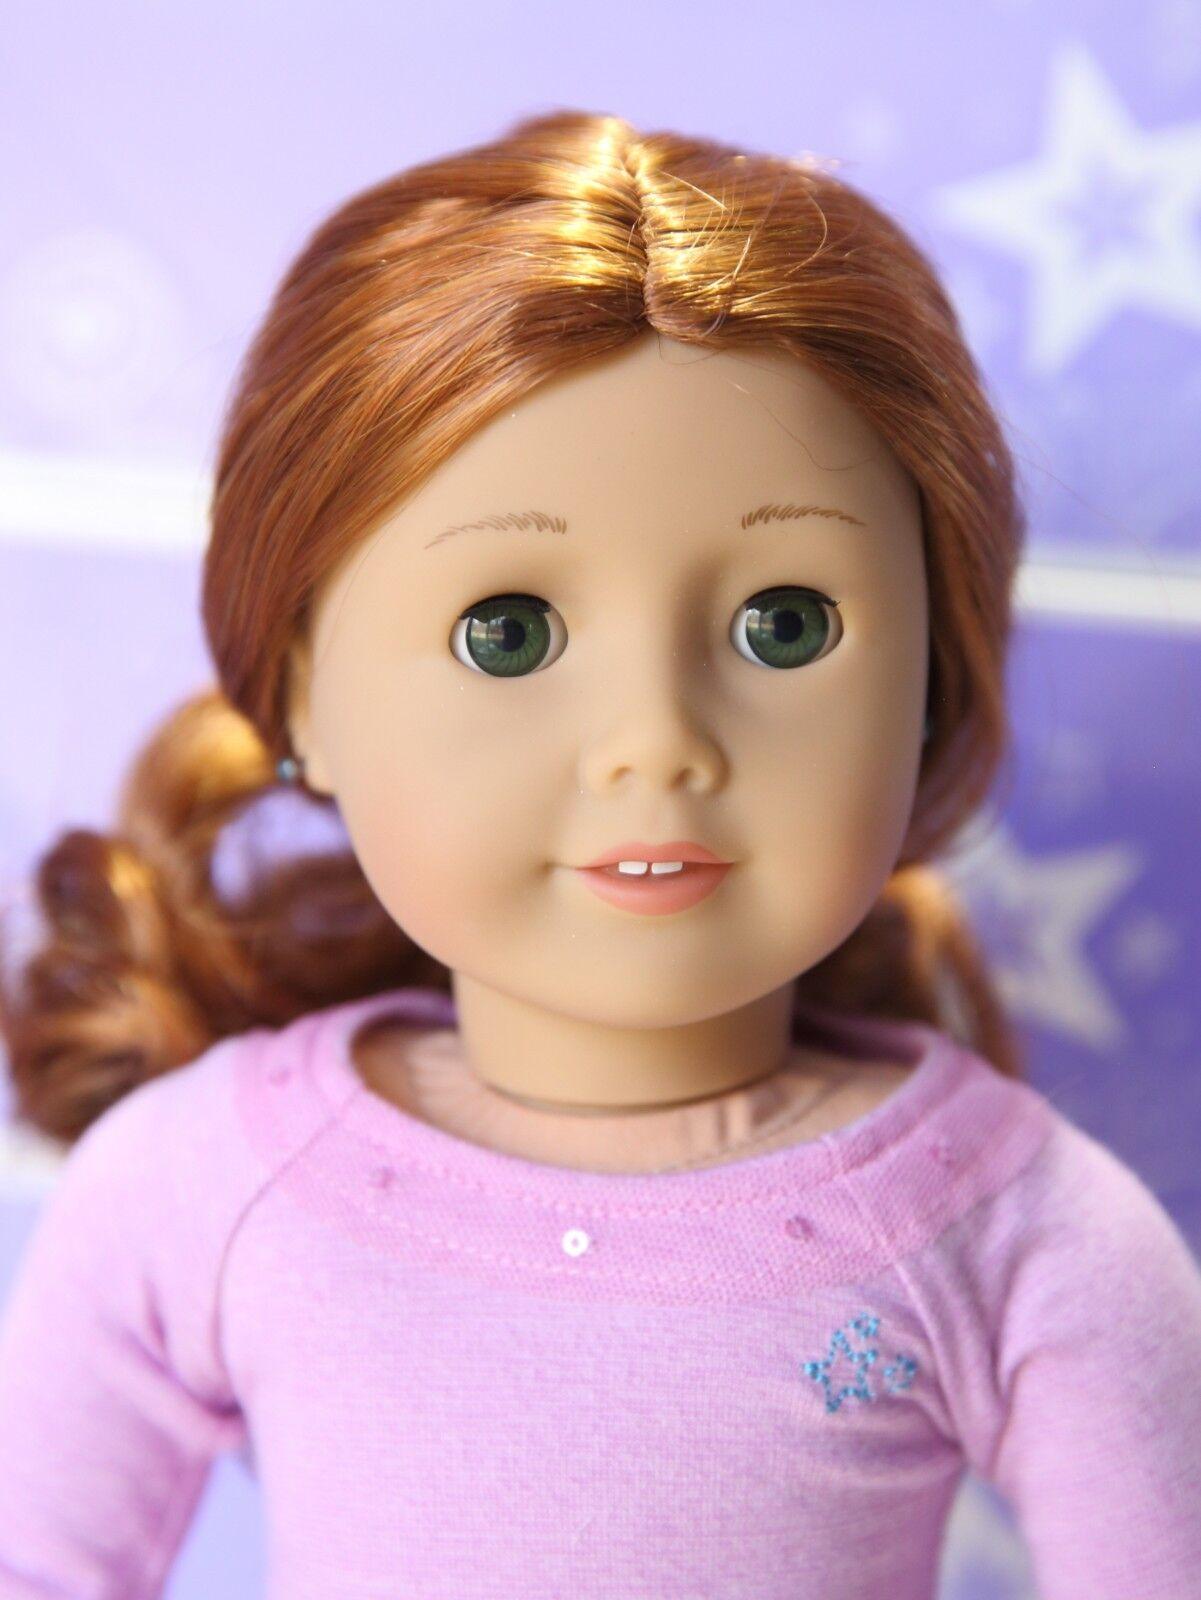 American Girl Doll 61 pendientes Audífono Cabello Rojo Ojos verdes nuevo realmente me